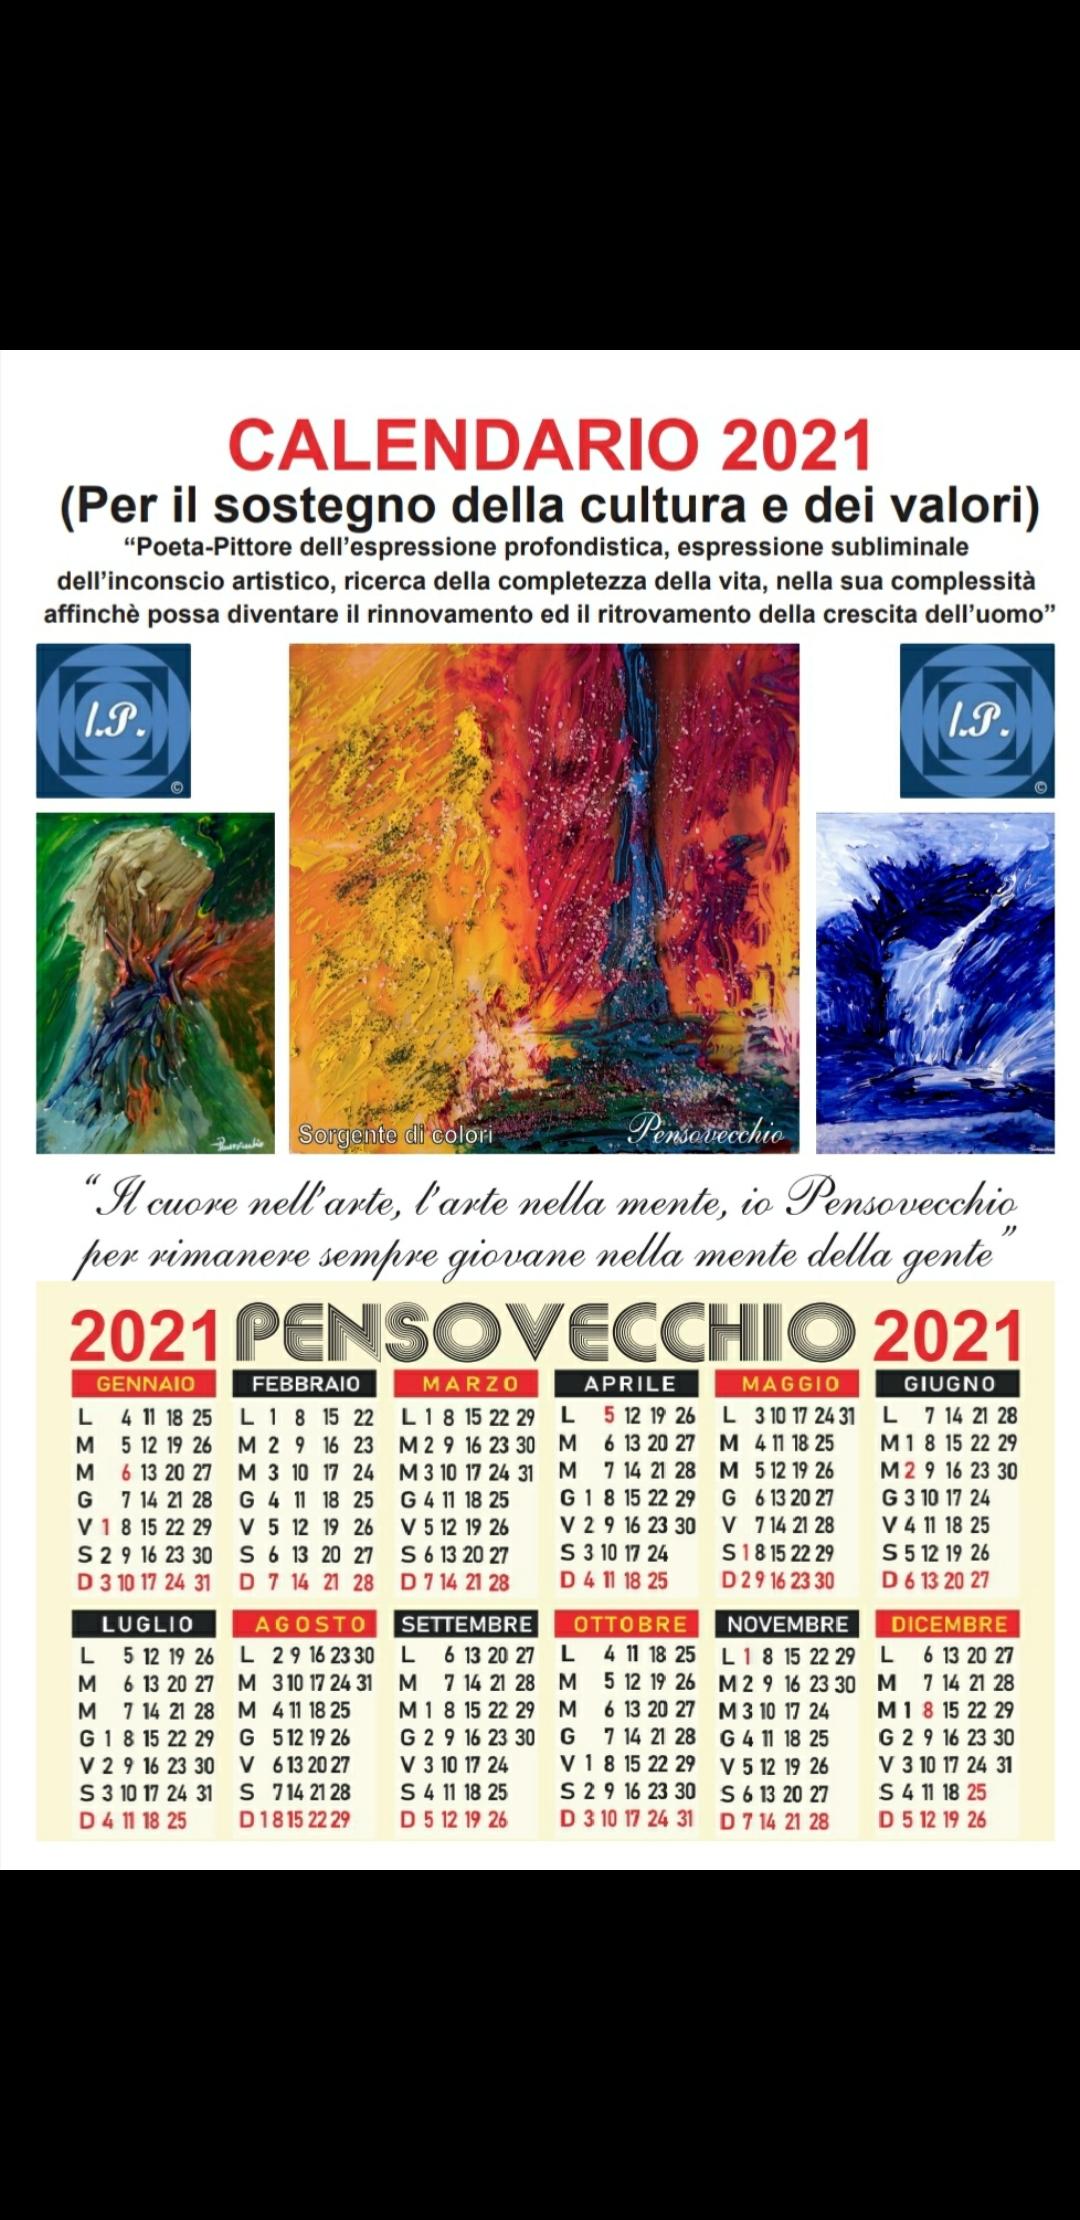 ll Calendario 2021 e l'Arte del Pittore Pensovecchio